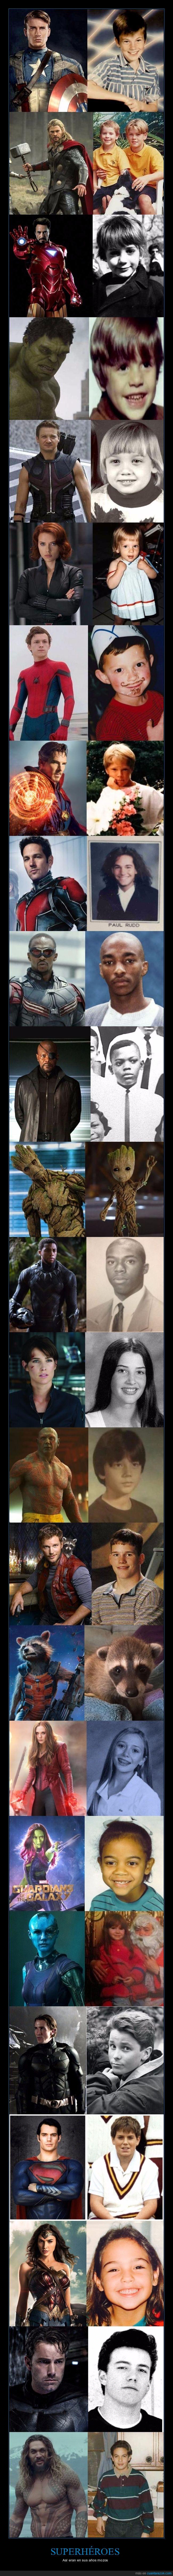 actores,niños,superhéroes